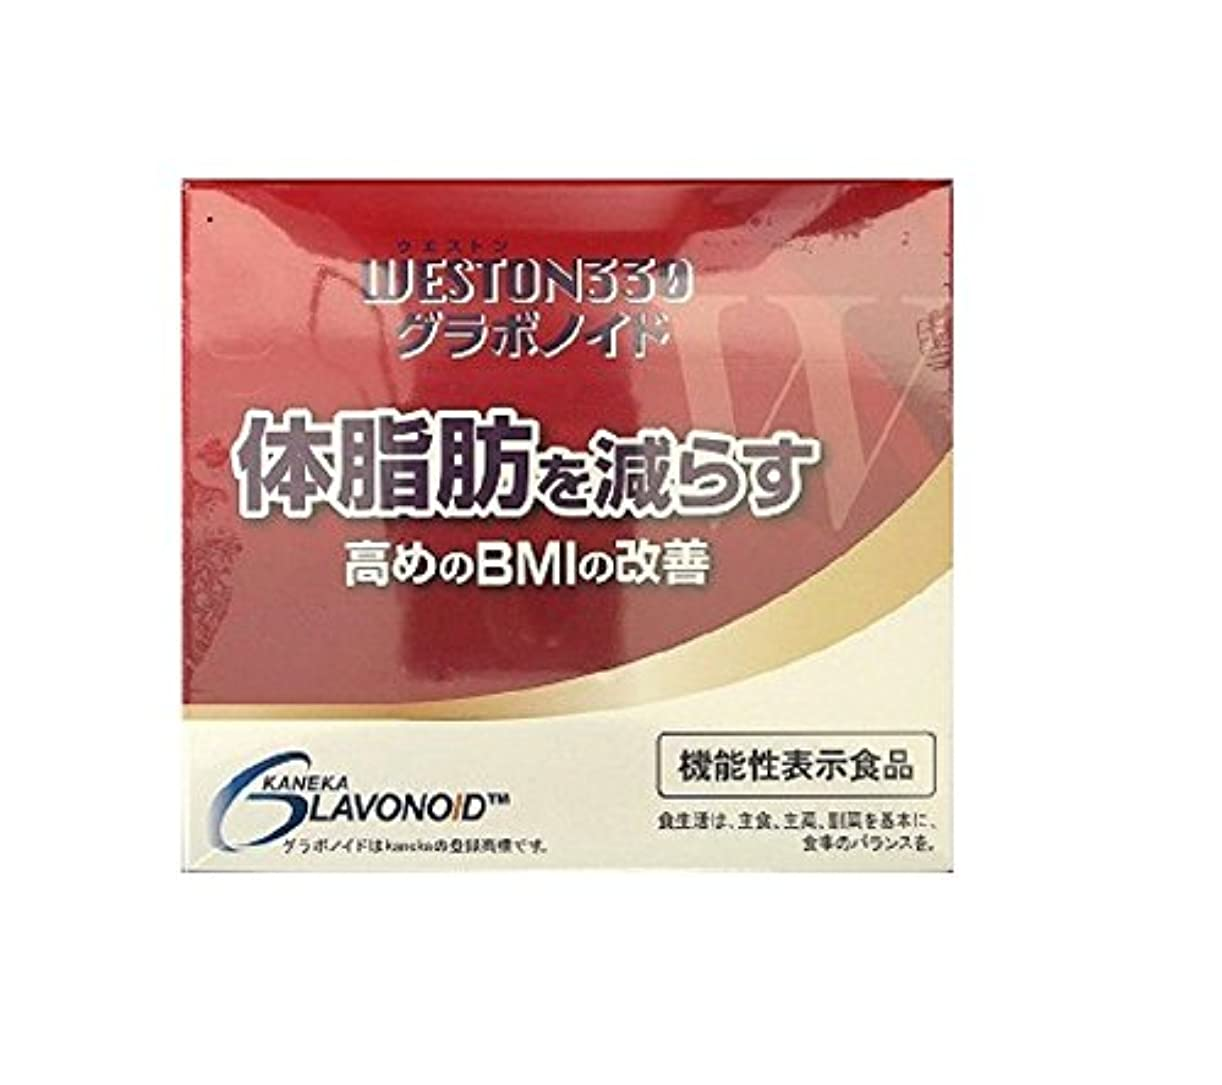 頑丈拍手する遅いリマックスジャパン WESTON330 グラボノイド 60粒 (30日分) [機能性表示食品]